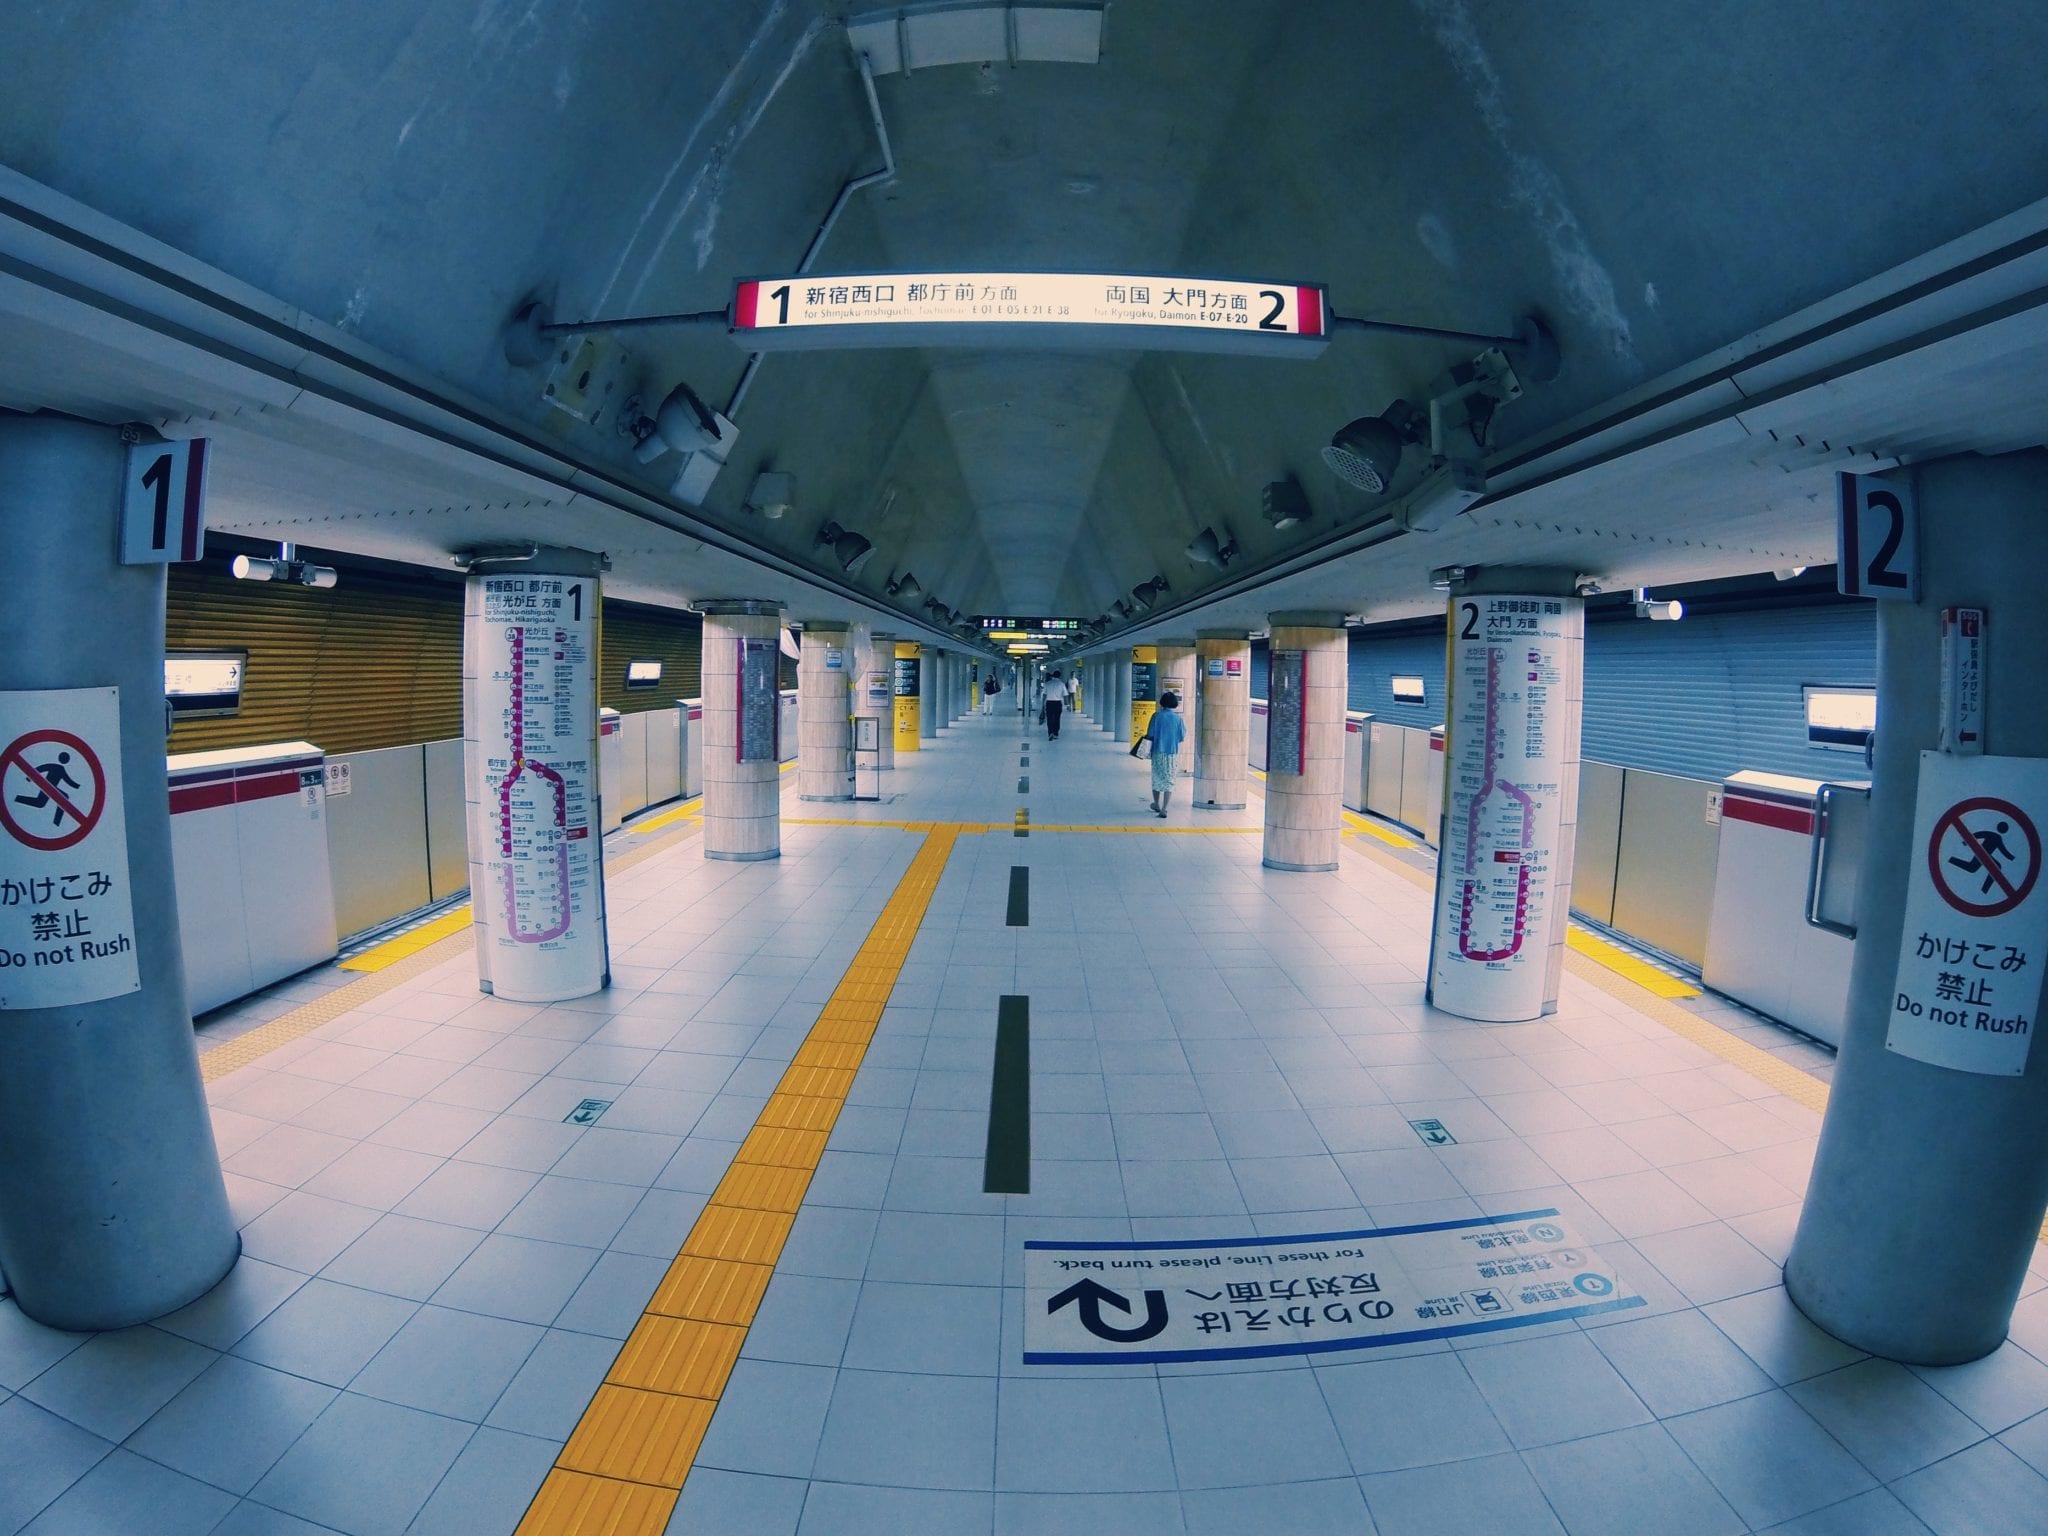 เที่ยวญี่ปุ่น, ที่เที่ยวญี่ปุ่น, ตั๋ว jr pass, jr pass คือ